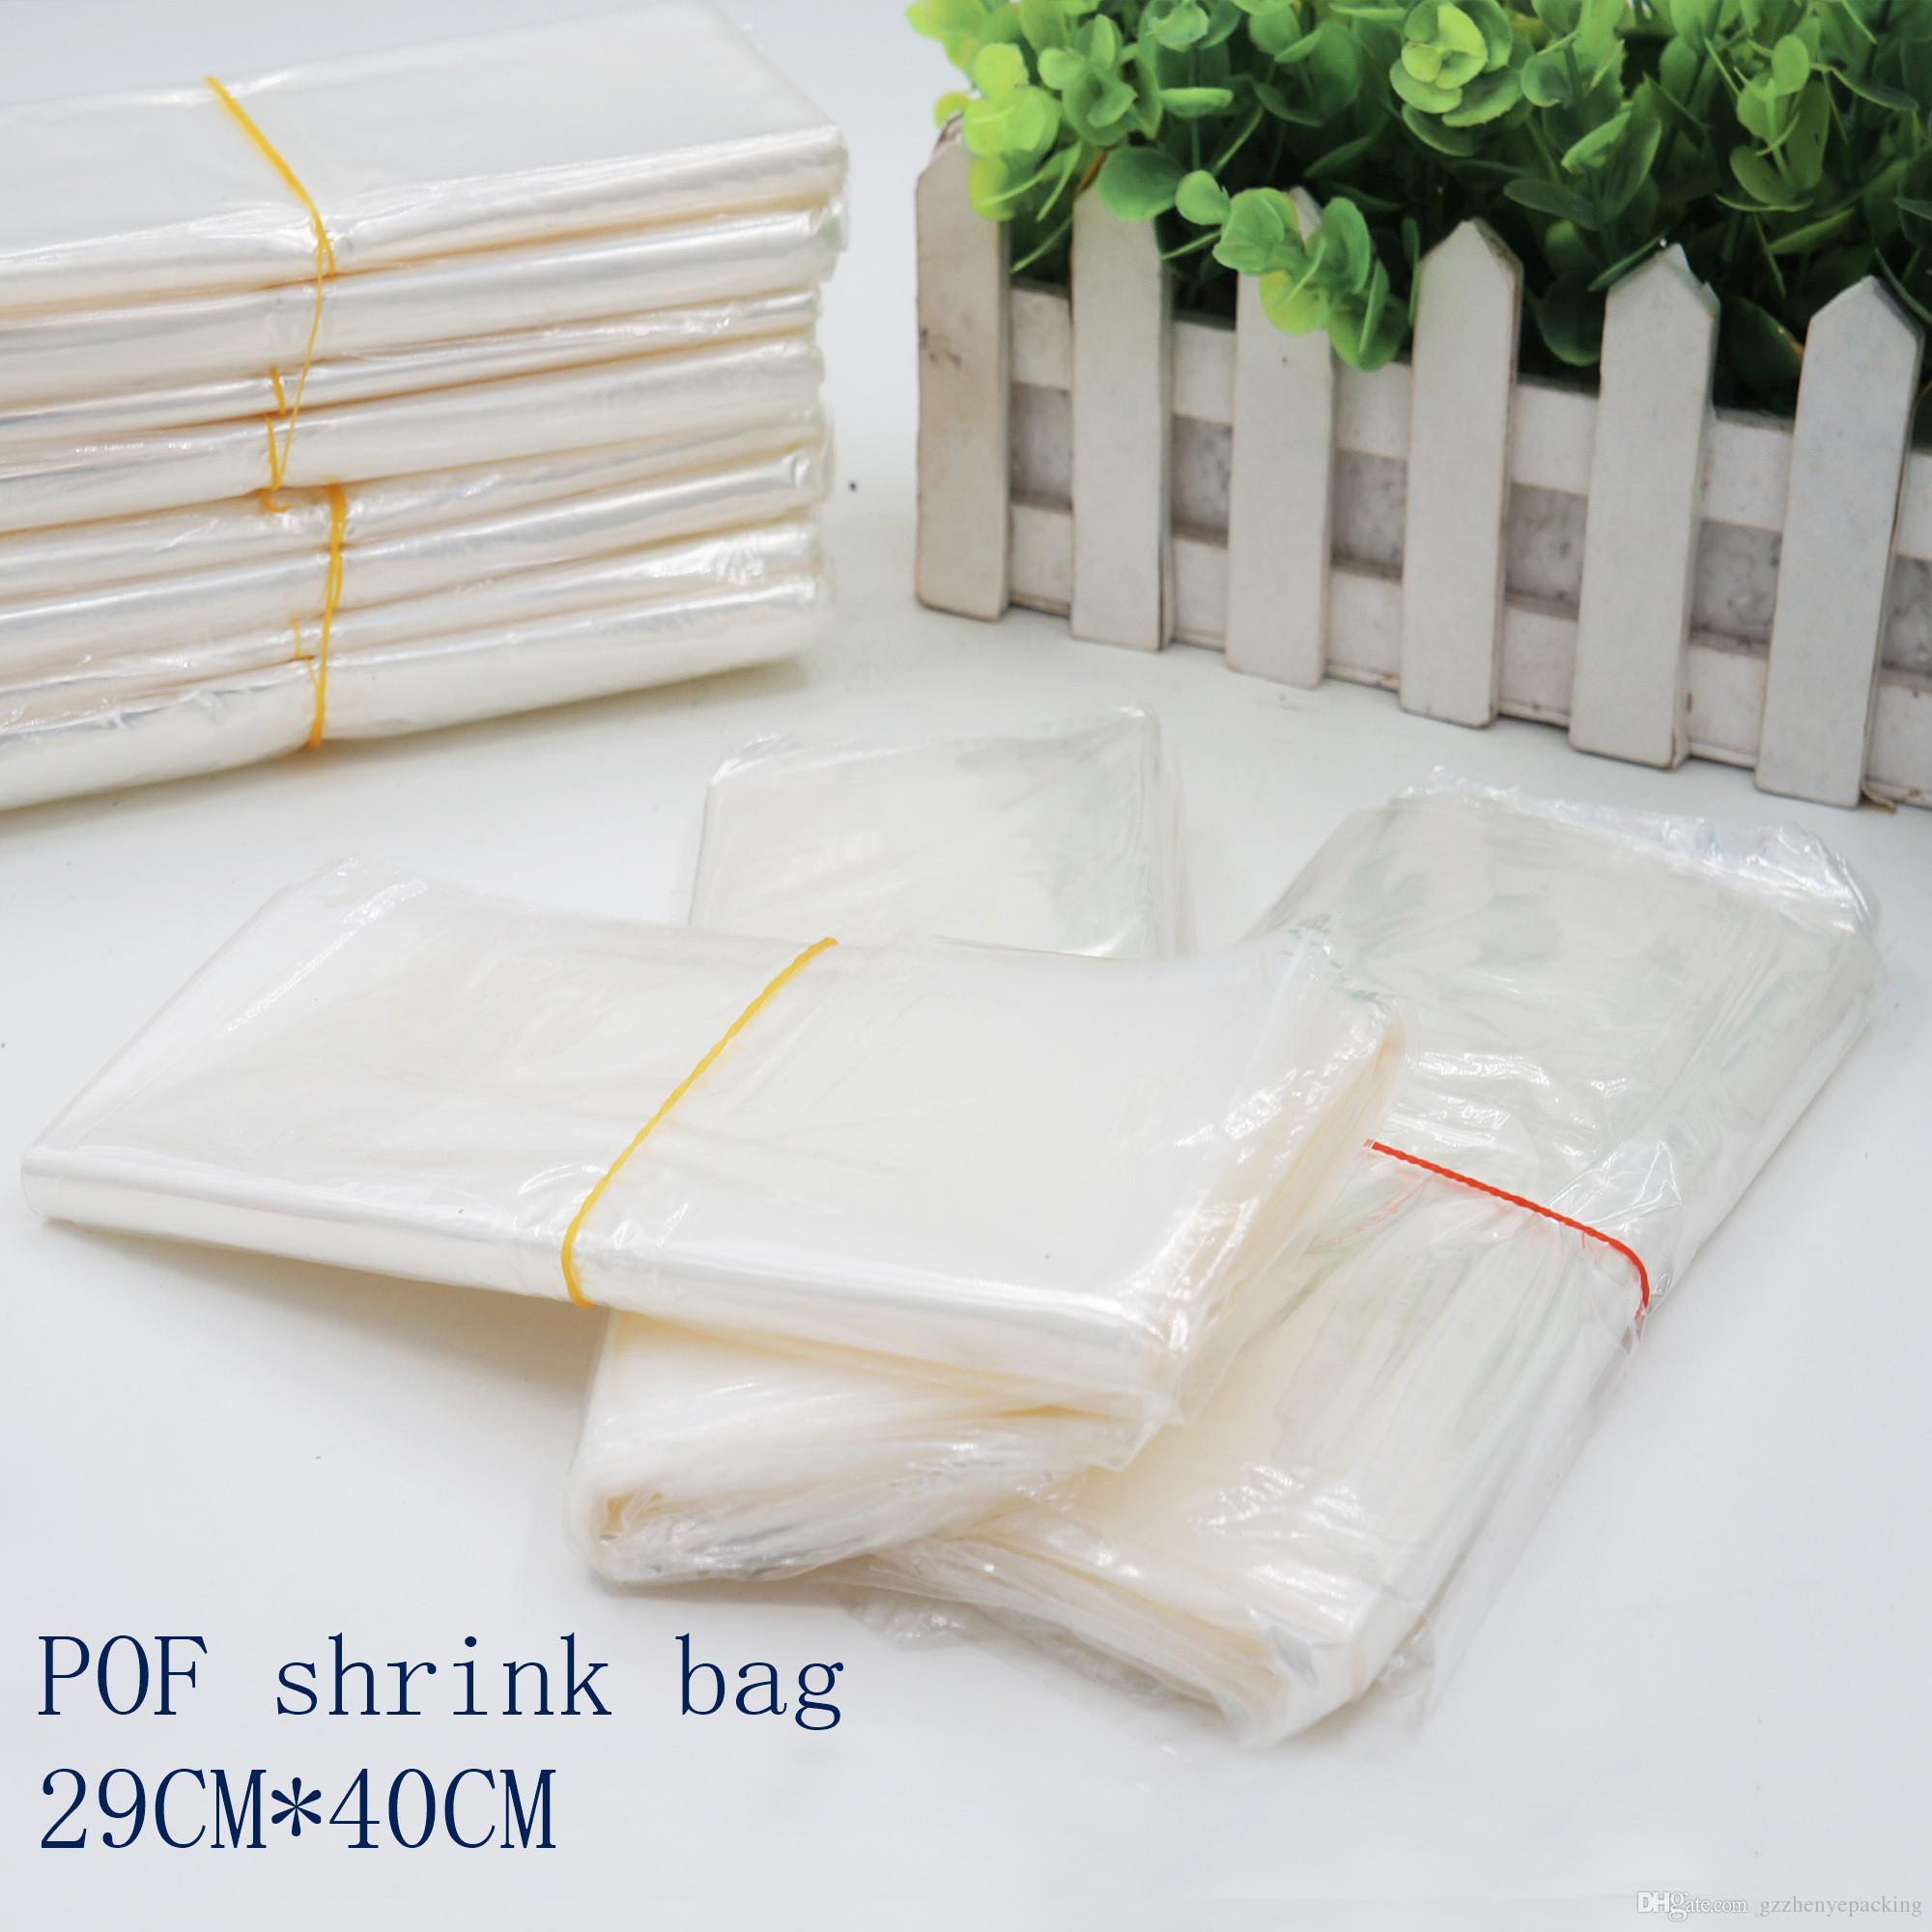 29 * 40cm POF-Schrumpffolienbeutel weiß POF-Folienverpackung Kosmetikverpackungsbeutel oben offener Kunststoff-Heißsiegel-Schrumpfaufbewahrungsbeutel Spot 100 / package